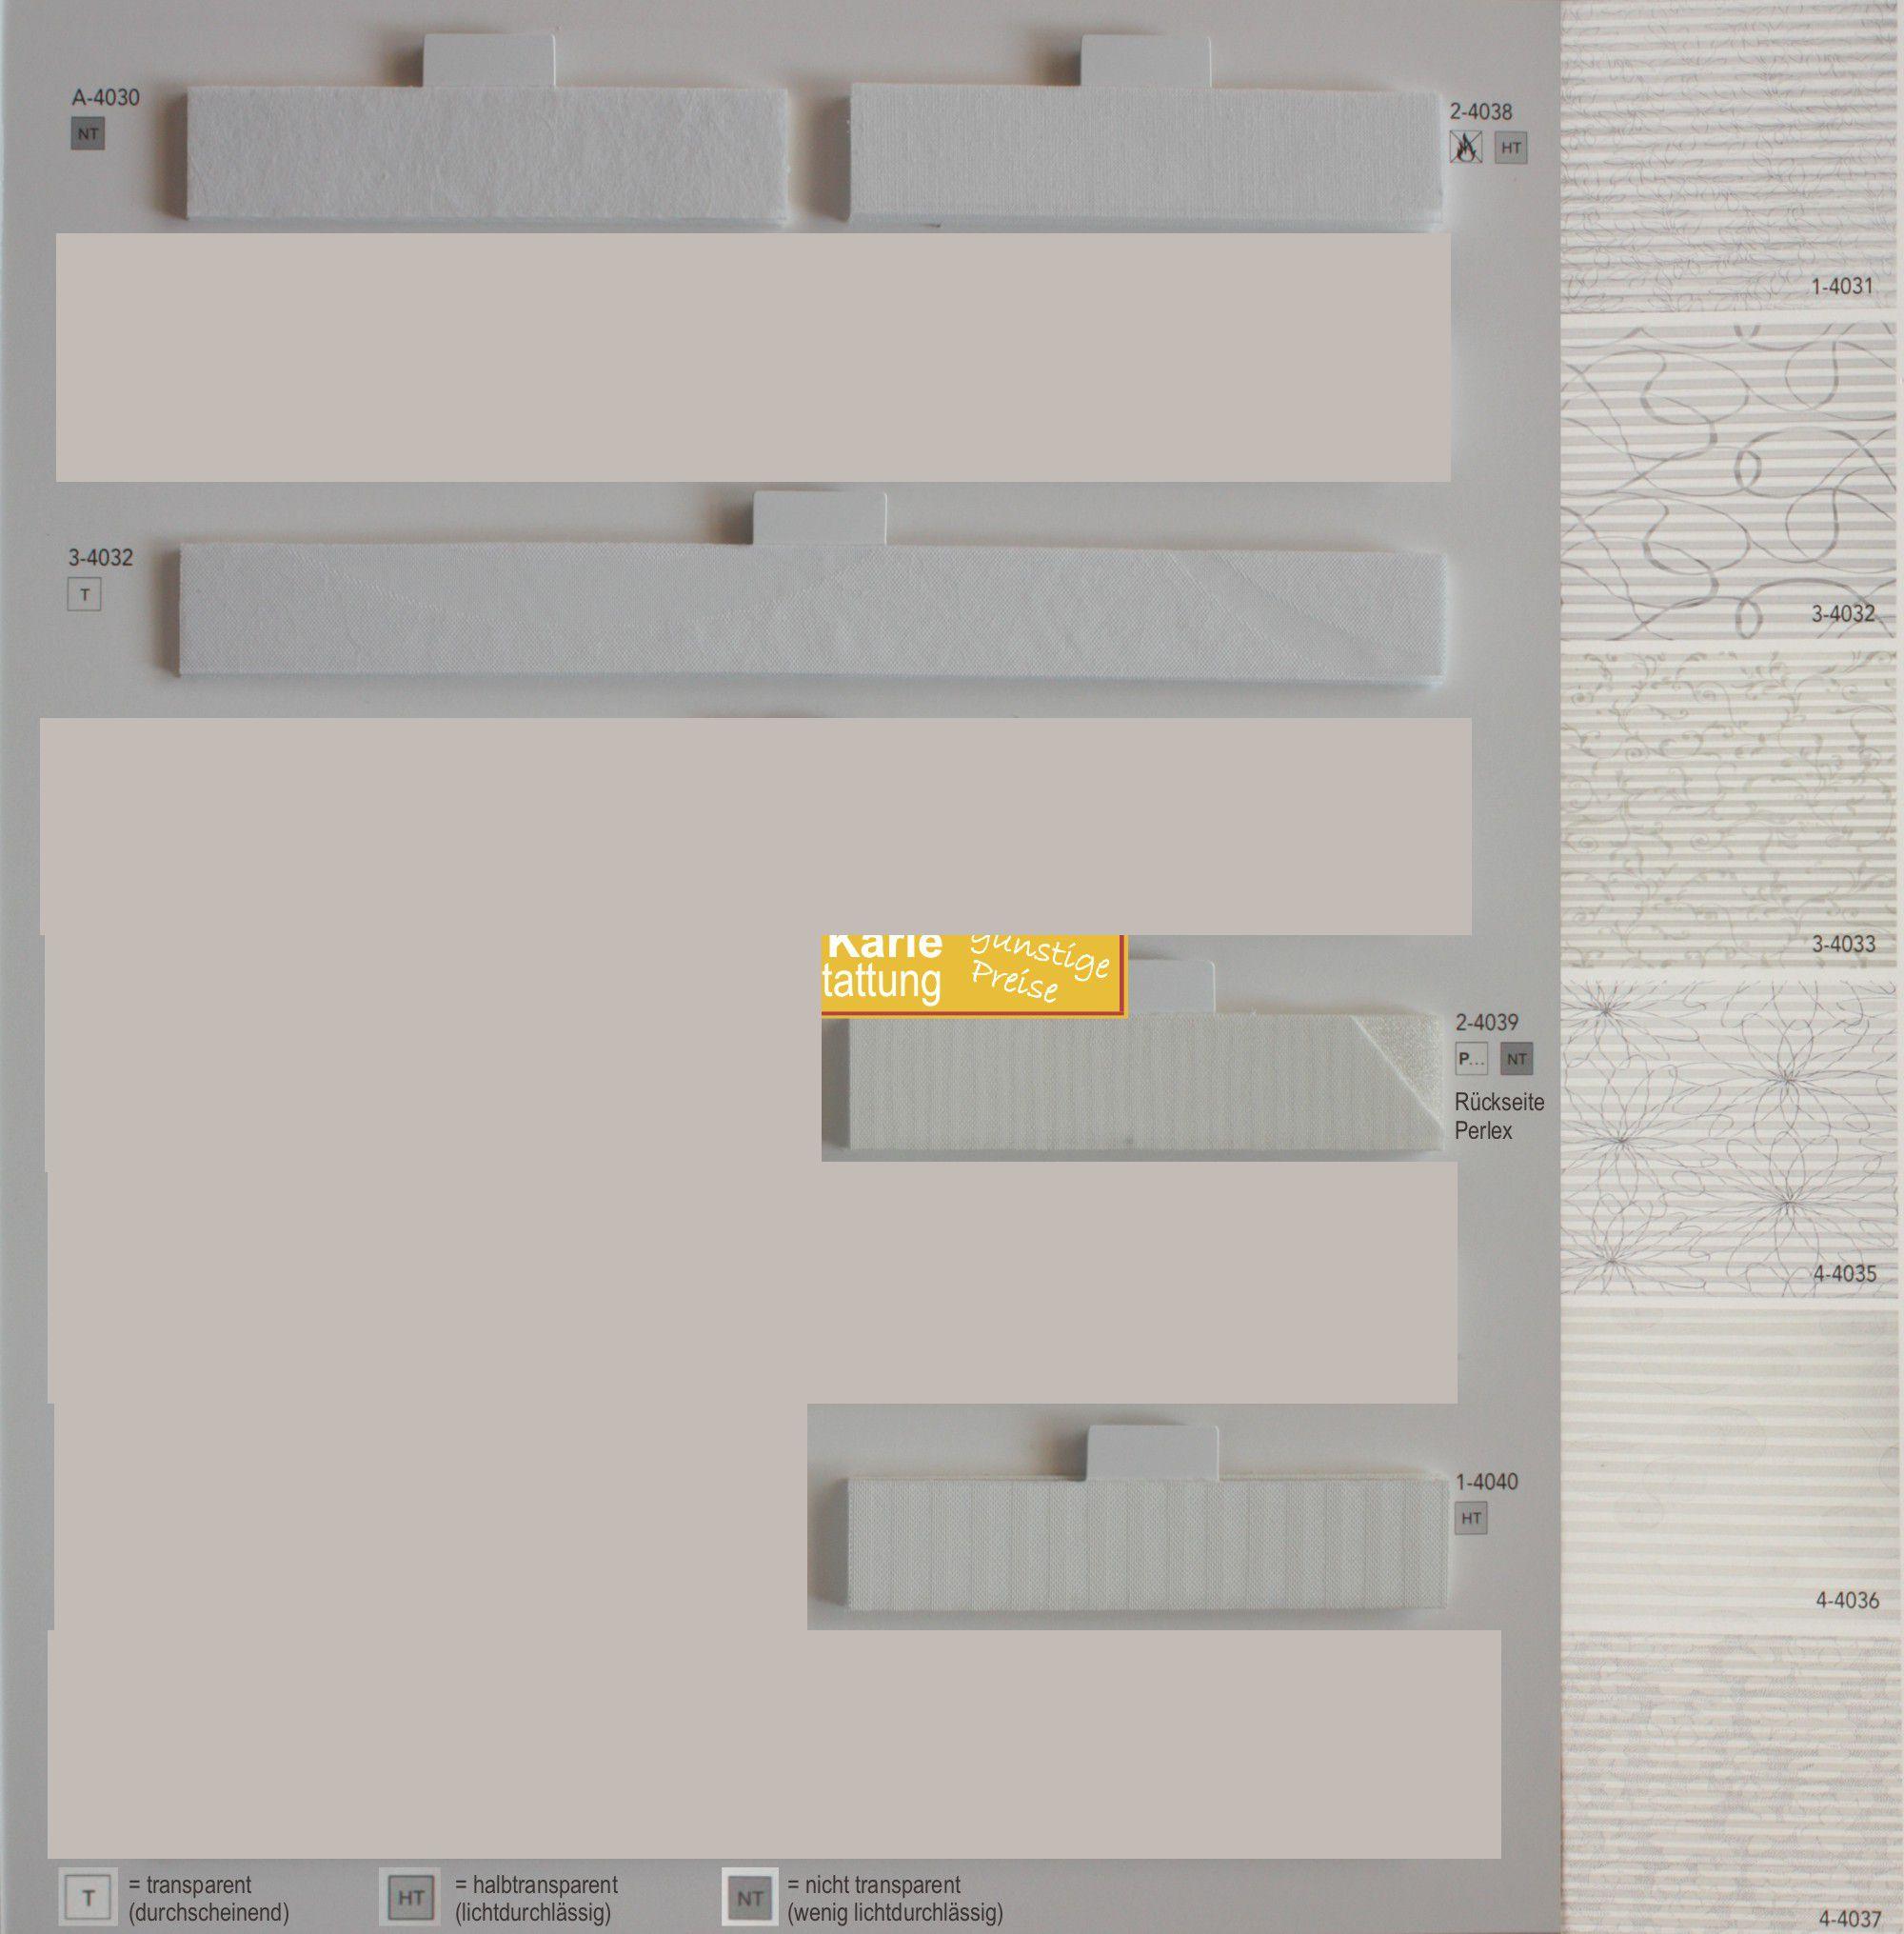 mhz plissee vorh nge g nstig bestellen bei bertram karle. Black Bedroom Furniture Sets. Home Design Ideas